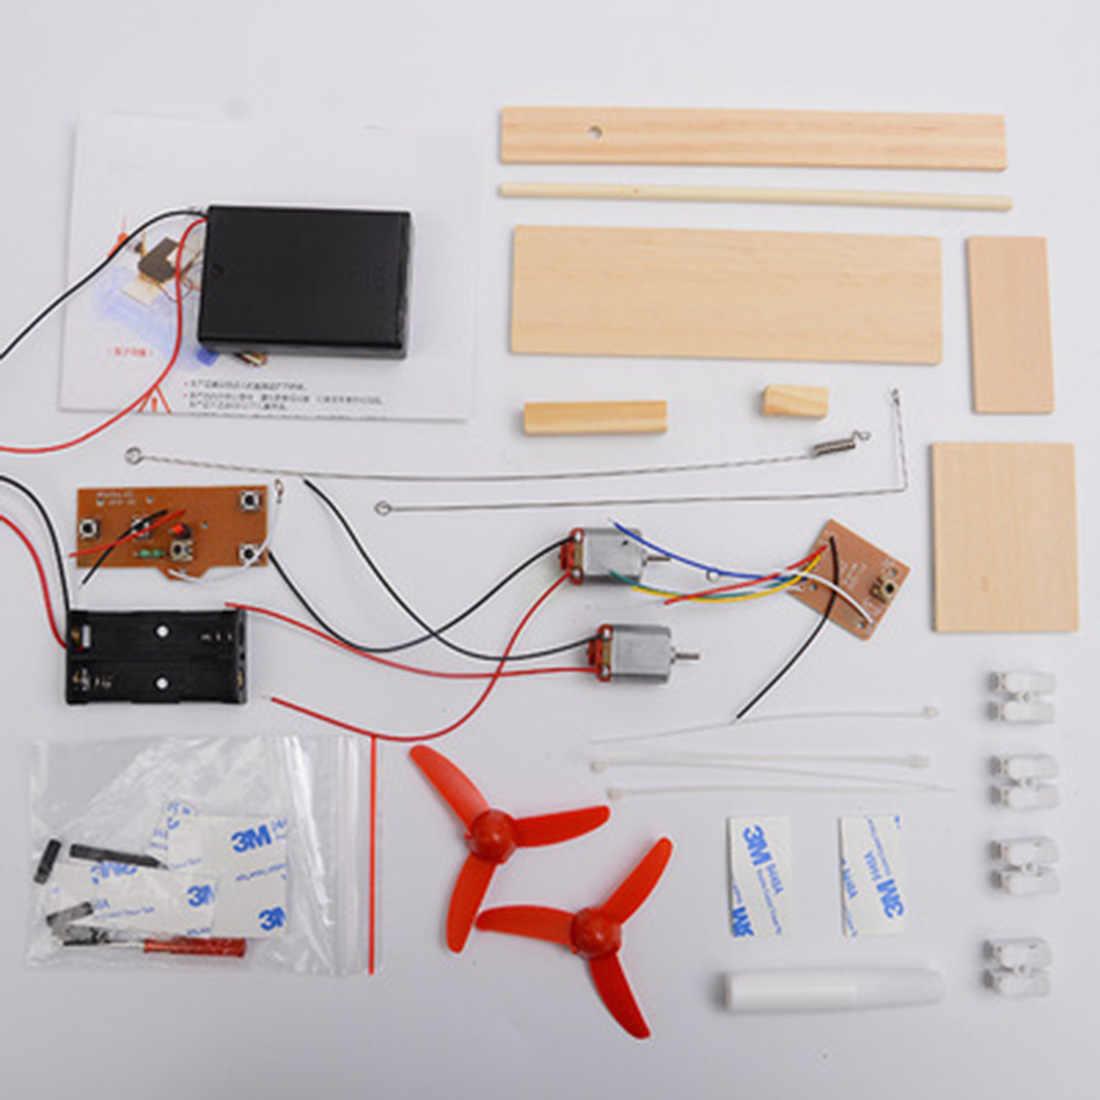 Surwish DIY RC Airborne Model Percobaan Sains Puzzle Perakitan Mainan untuk Anak Laki-laki Anak-anak DIY Ilmu Pendidikan Kit